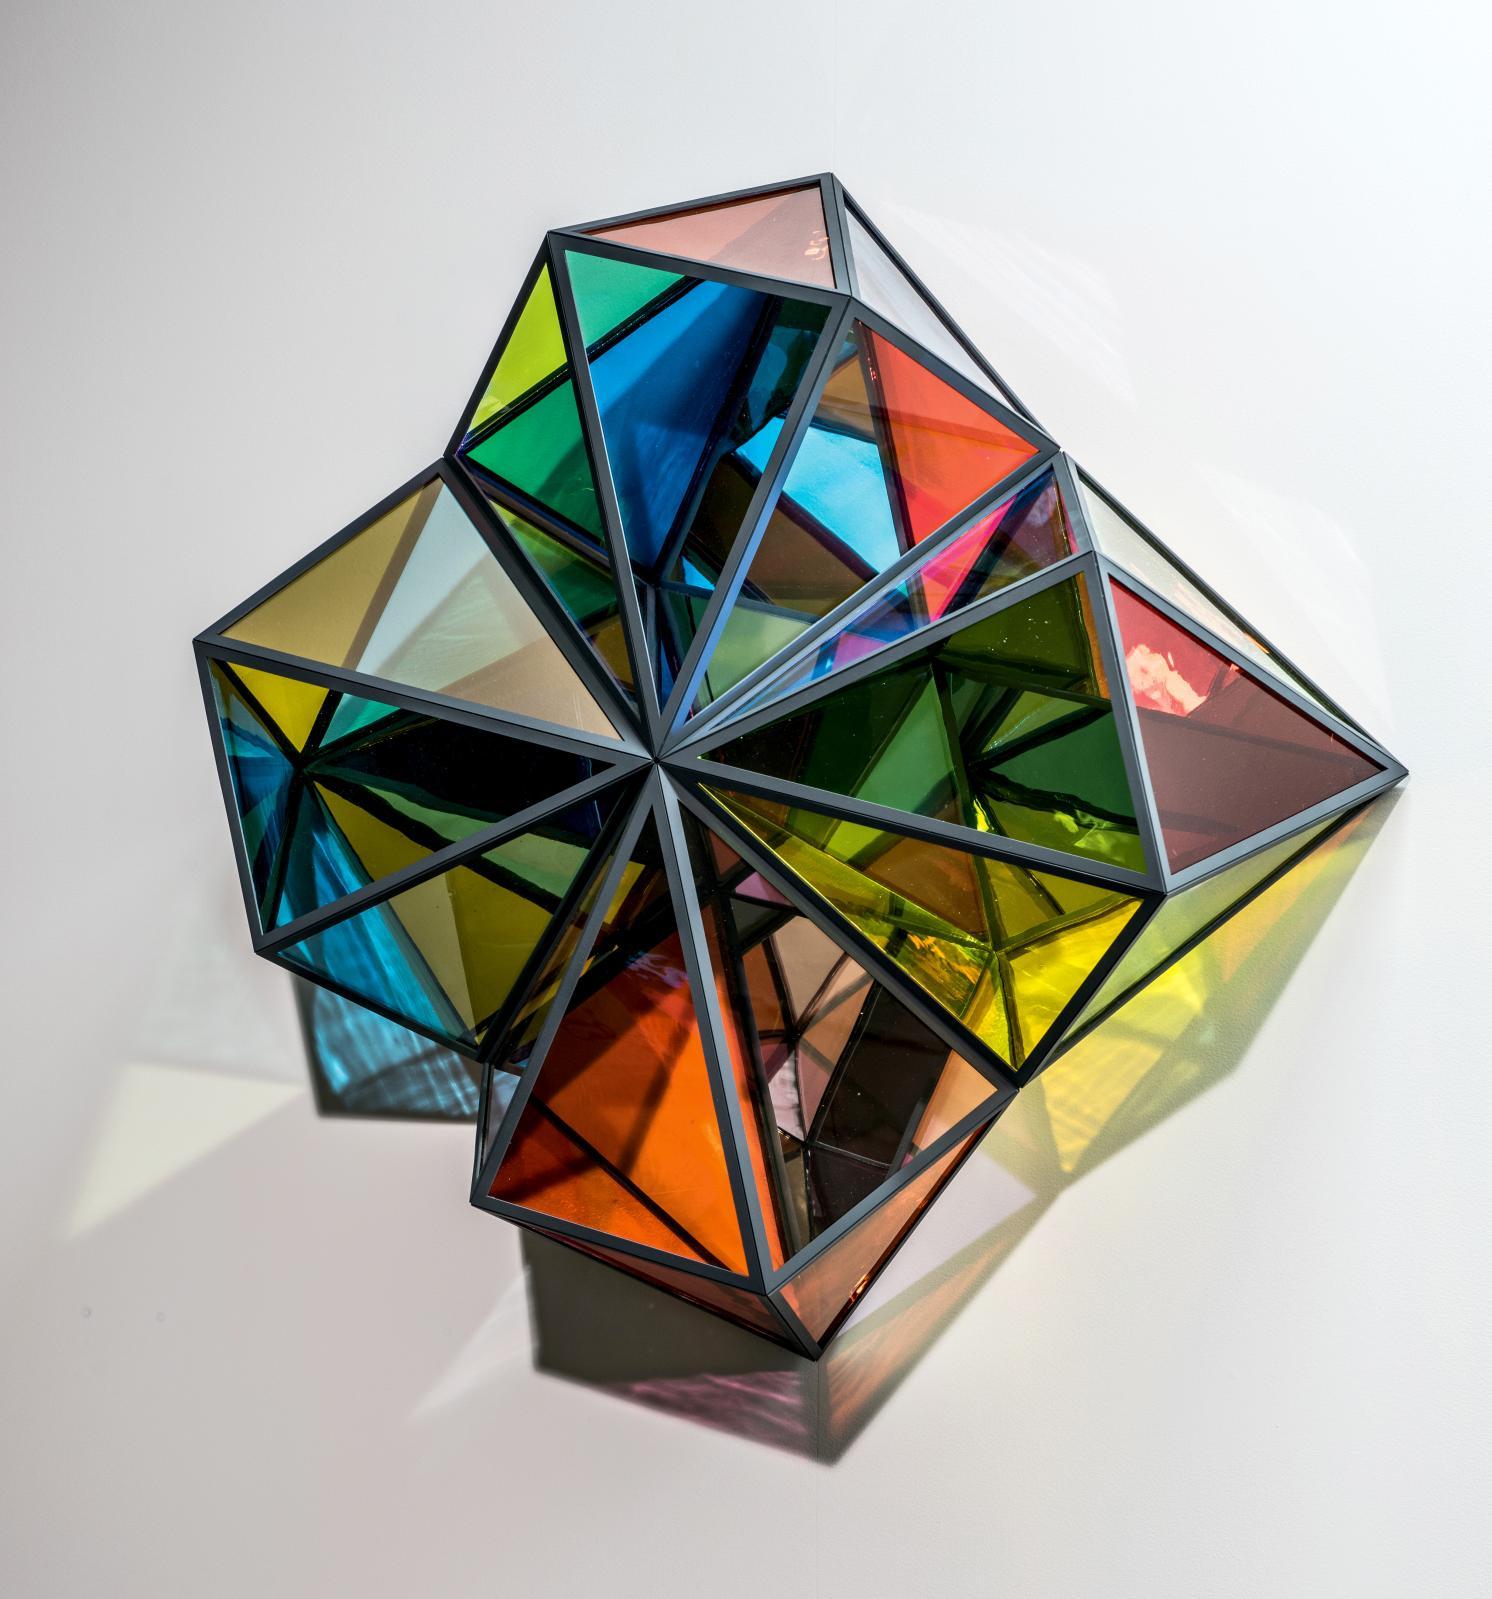 Colour Window, acier inoxydable, verre coloré (jaune, bleu, vert, orange, rose, transparent), verre filtre effet couleur (vert, orange), miroir, or, p